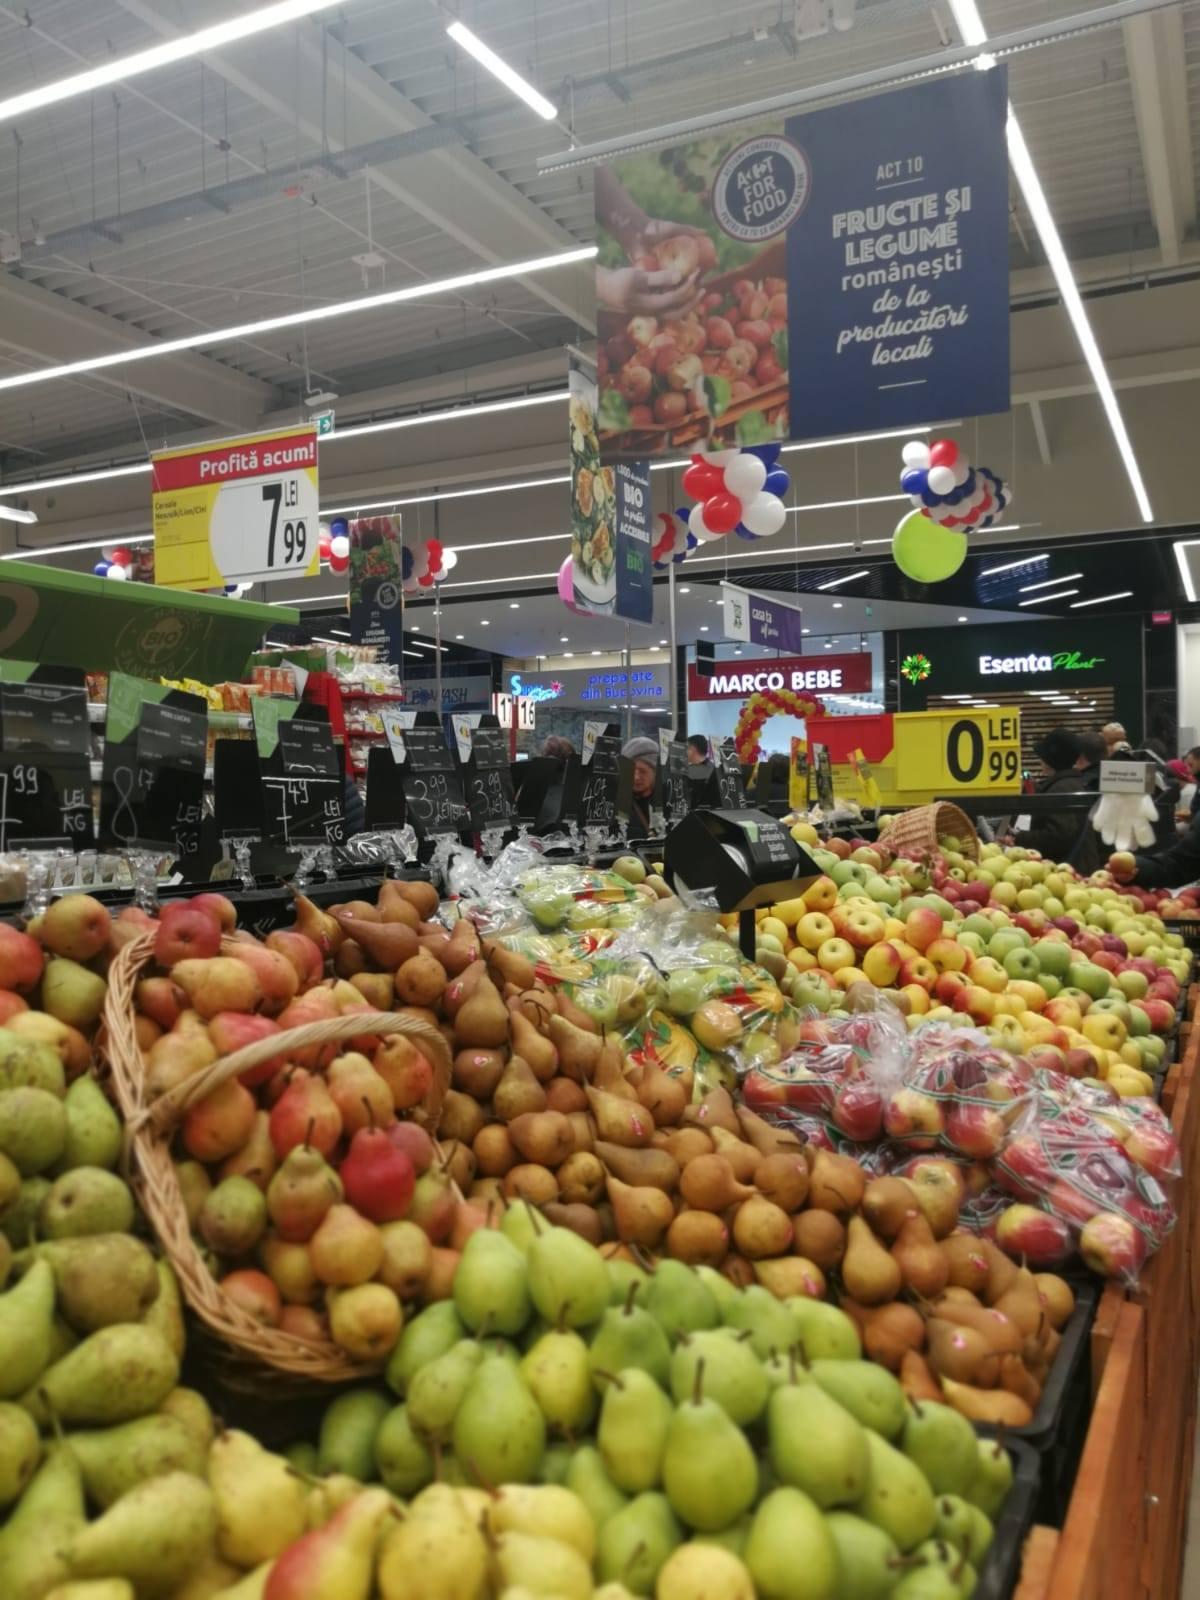 Romania, tara de mana a treia! Auchan, Cora si Carrefour au uitat de regulile de piata privind revanzarea produselor!